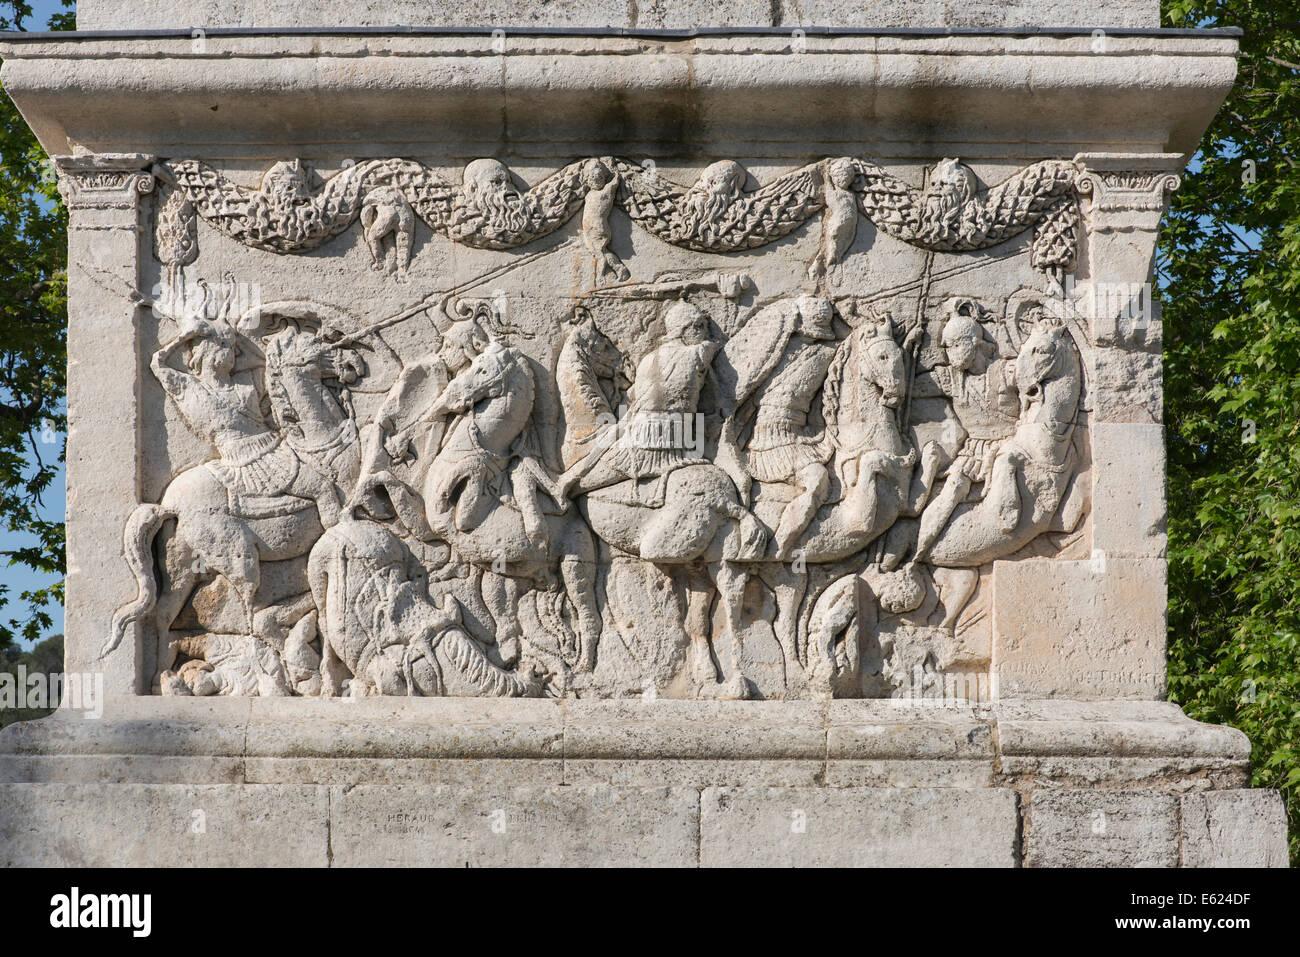 Pedestal, relief depicting a cavalry battle, mausoleum, cenotaph, ancient Roman city of Glanum, Saint-Rémy - Stock Image